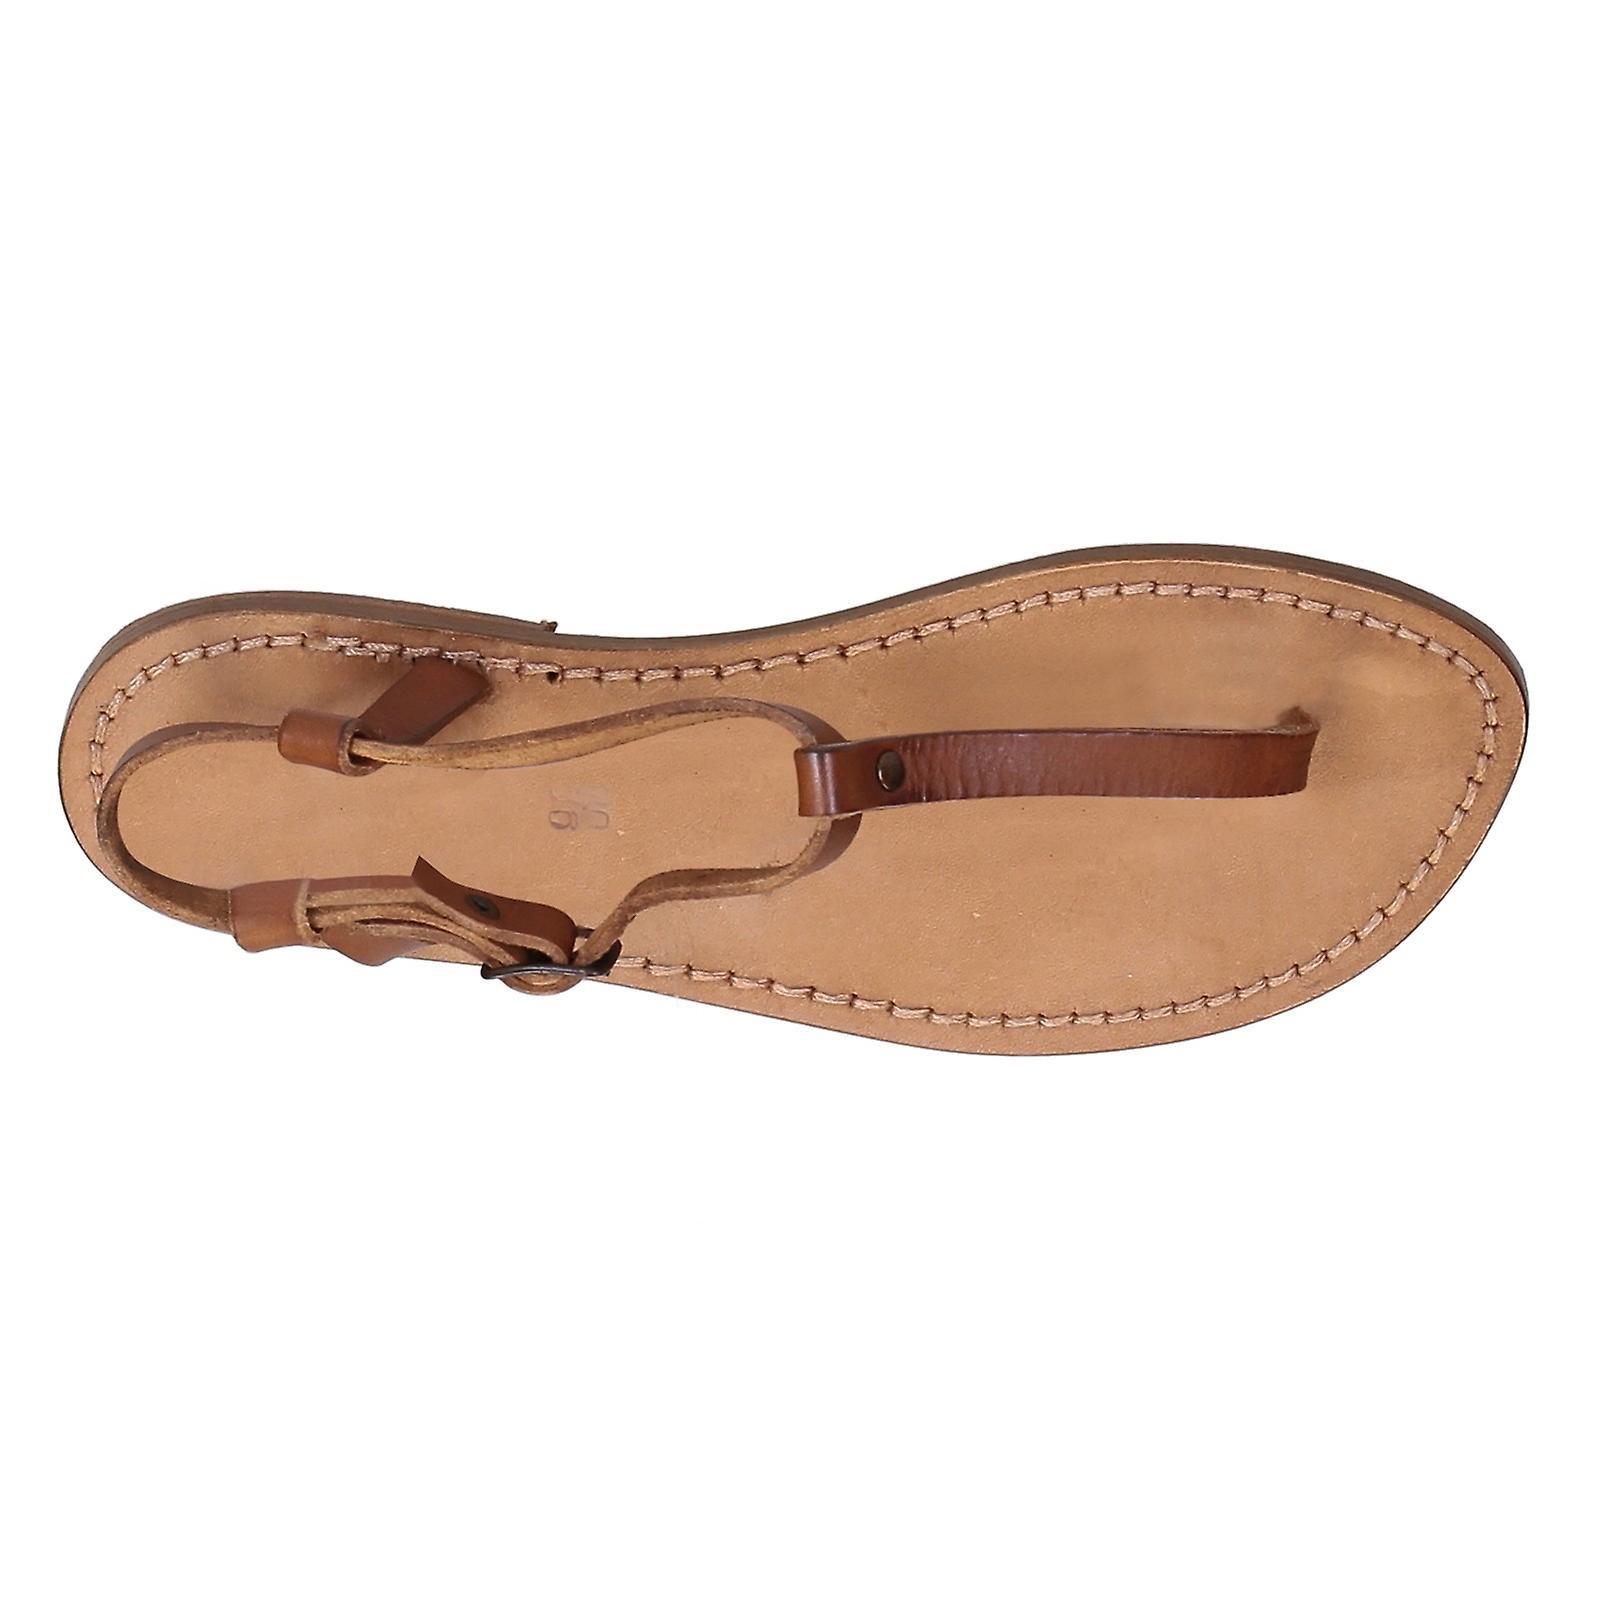 T-strap thong sandalen in bruin leder handgemaakt in Italië WNsUHM